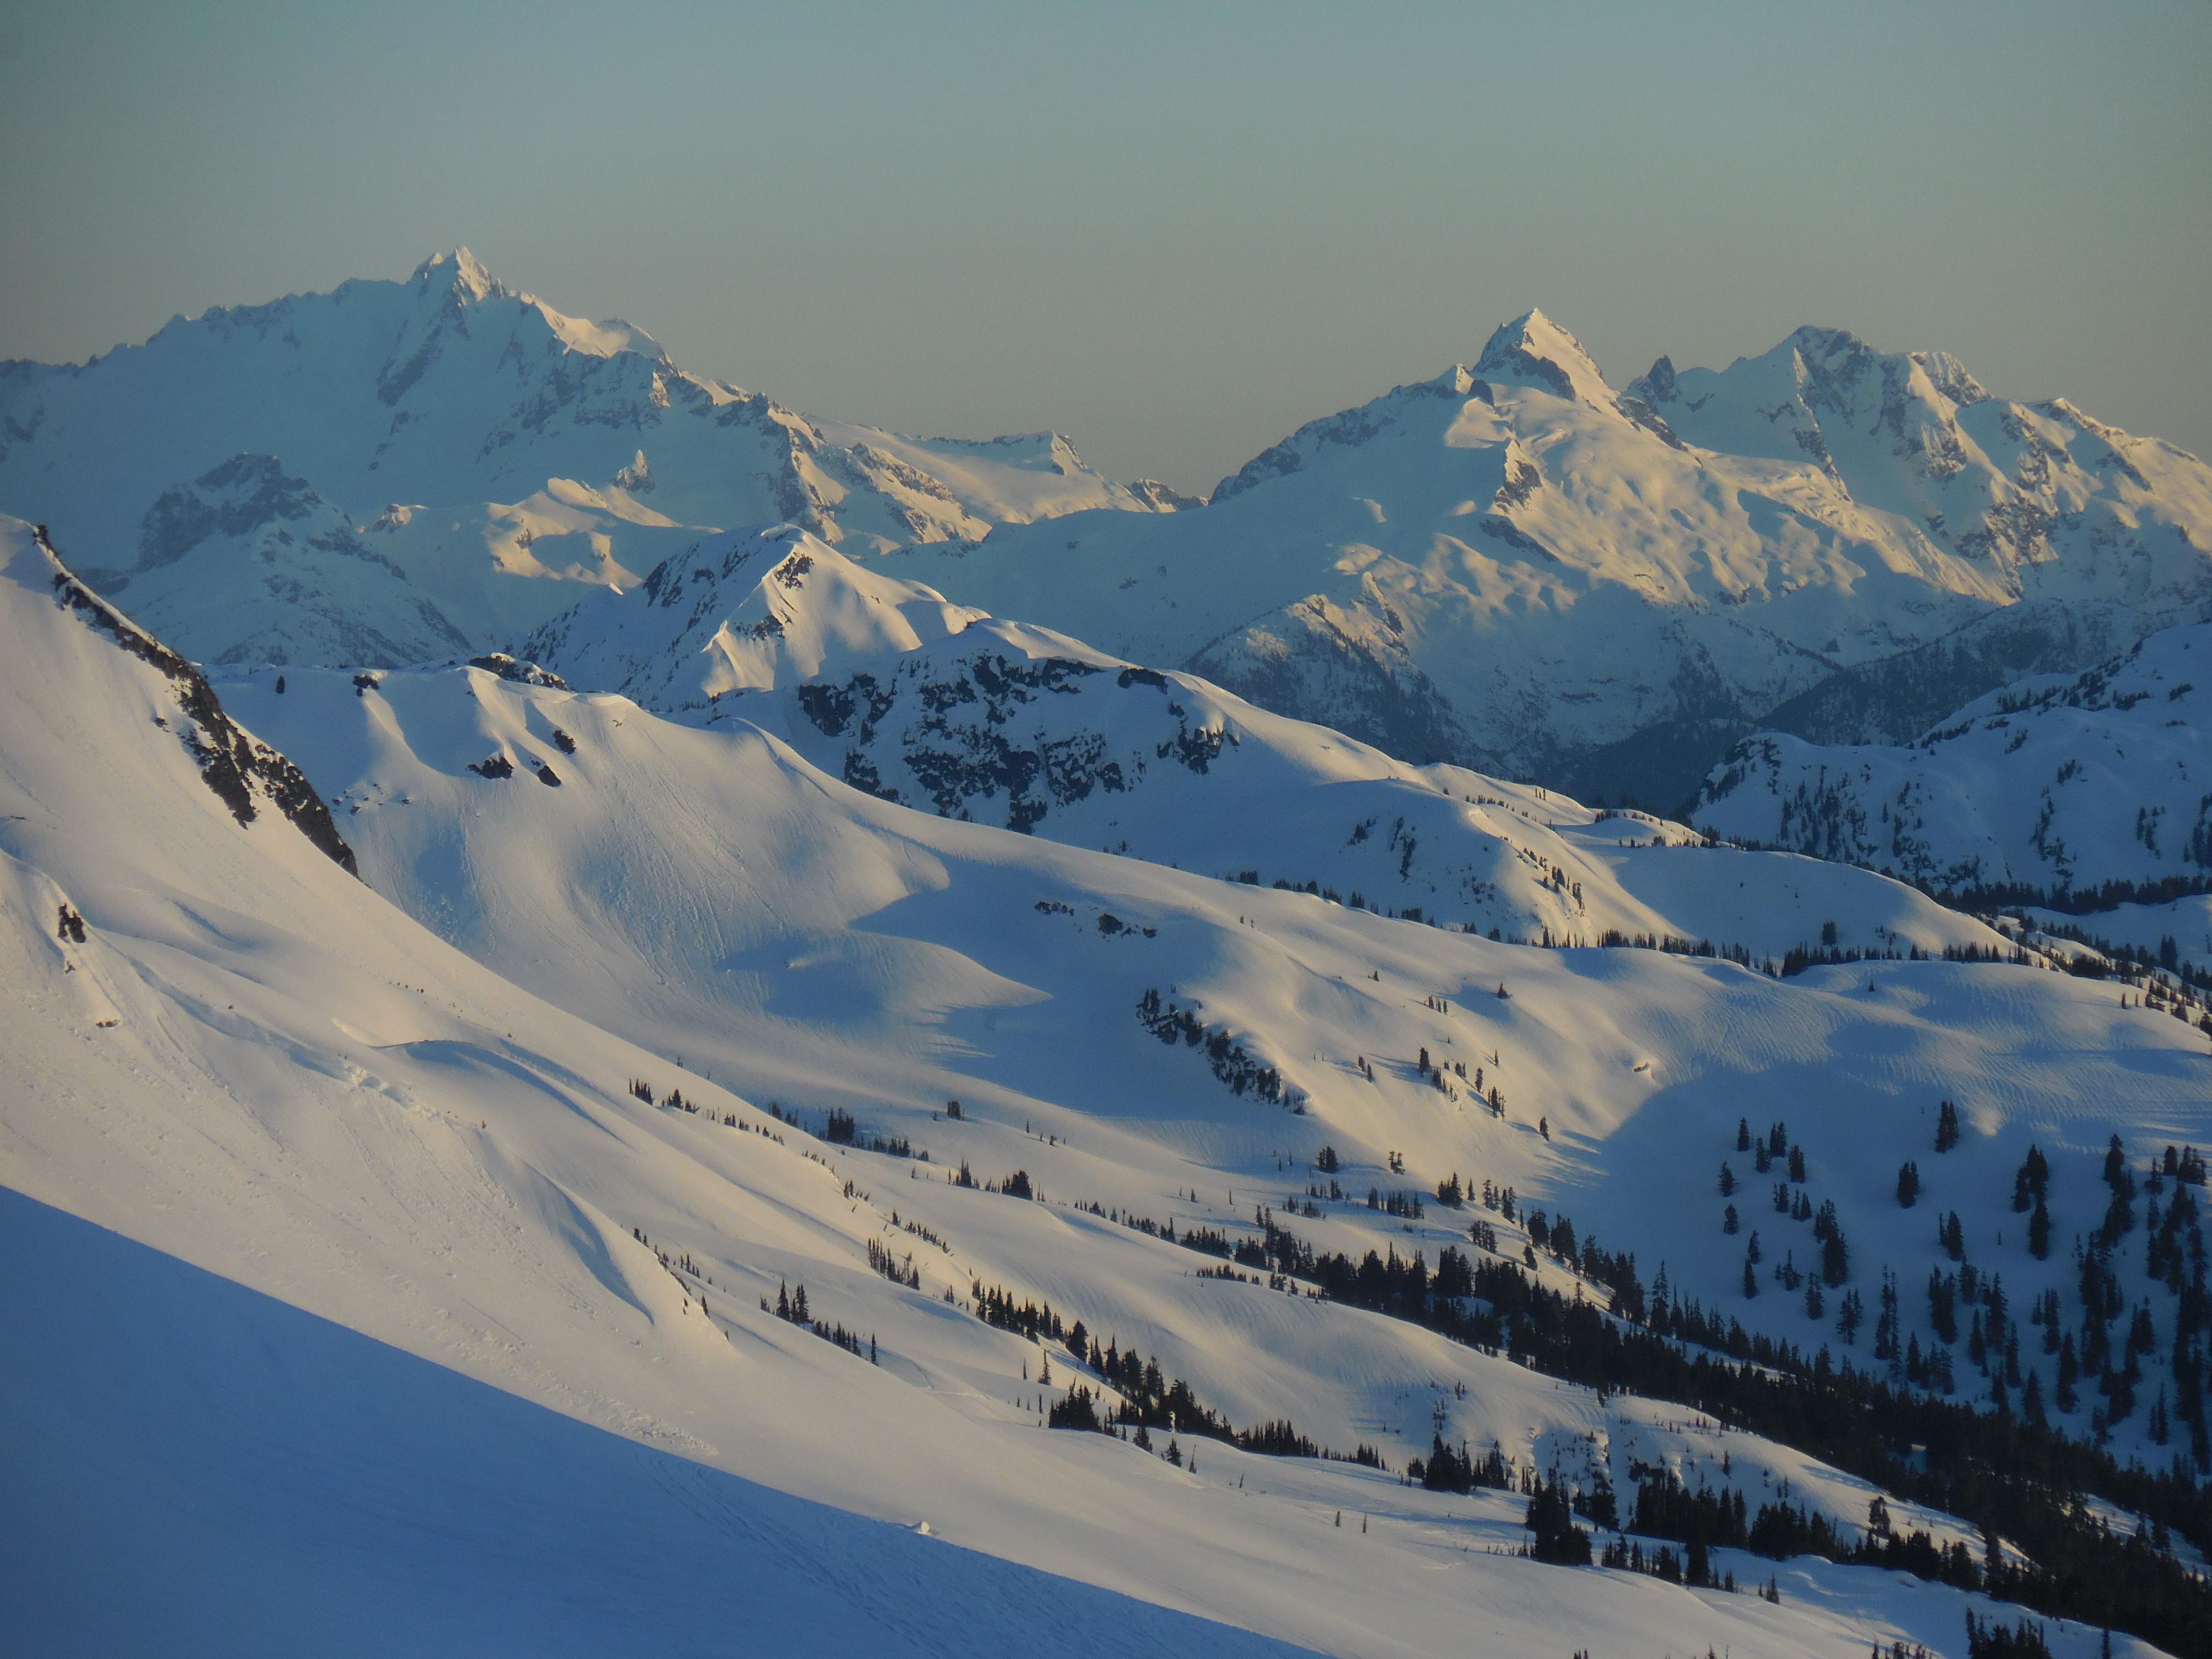 Mountains - photo: Kasia